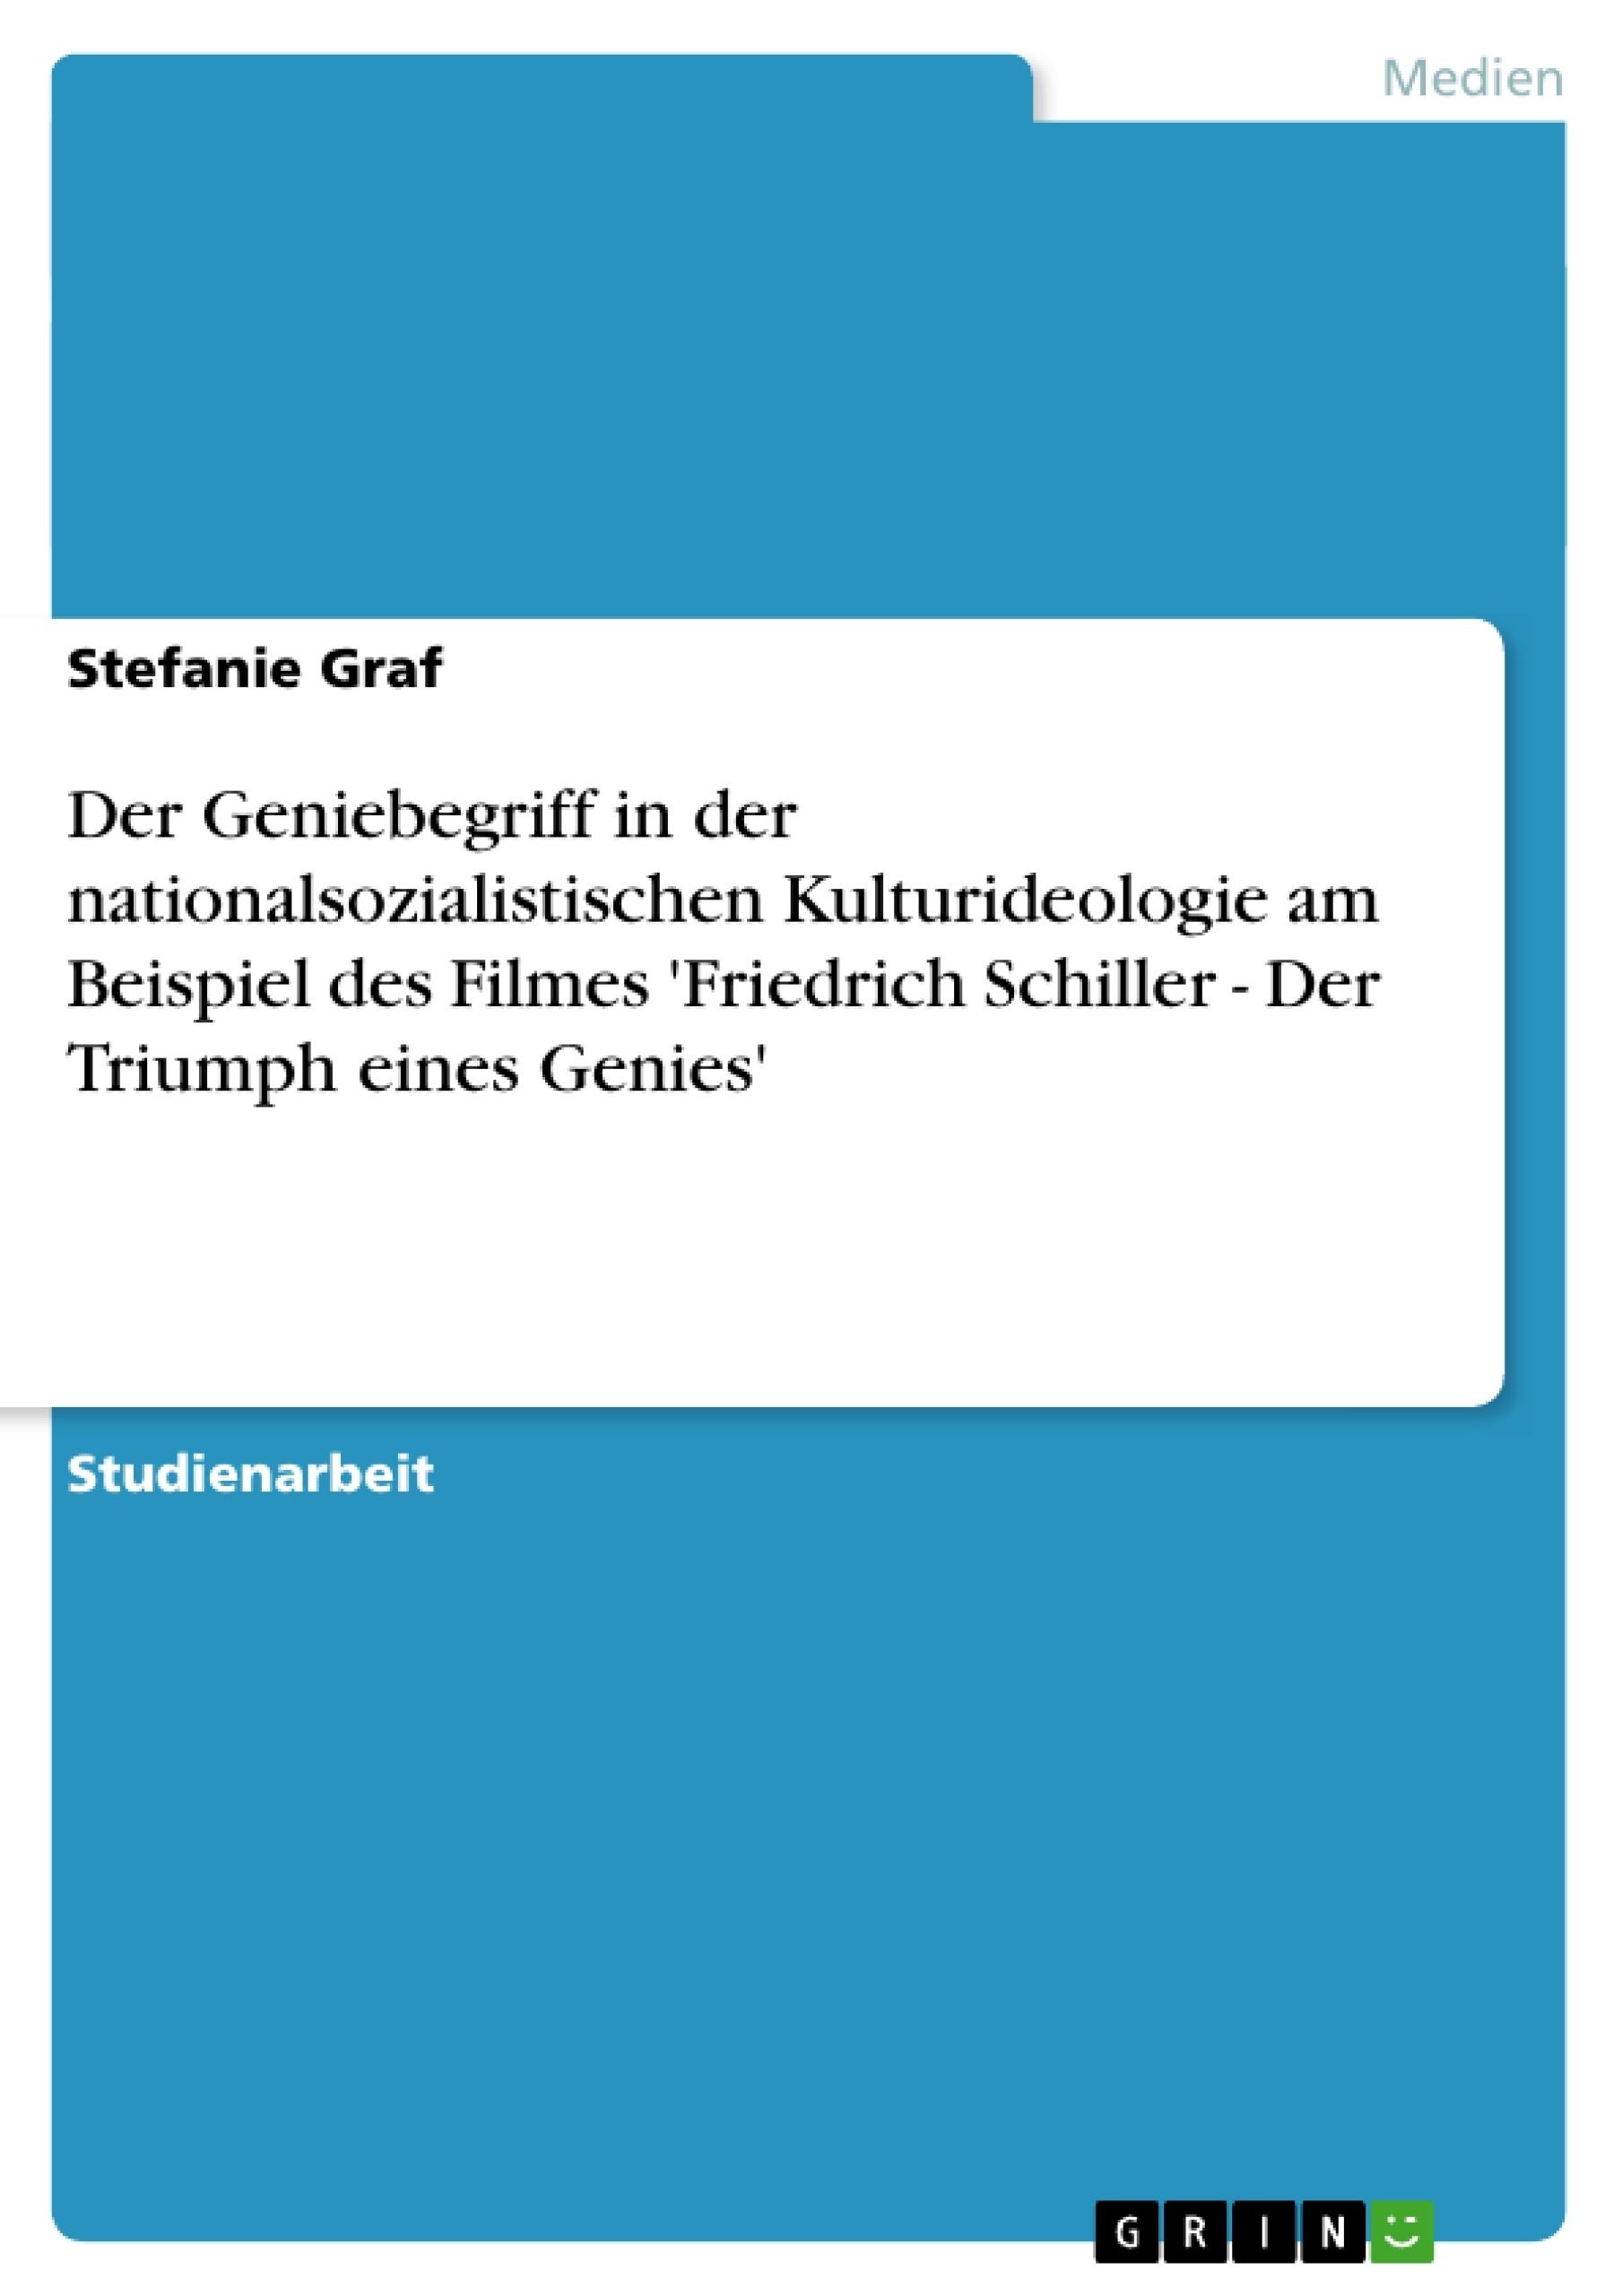 Titel: Der Geniebegriff in der nationalsozialistischen Kulturideologie am Beispiel des Filmes 'Friedrich Schiller - Der Triumph eines Genies'